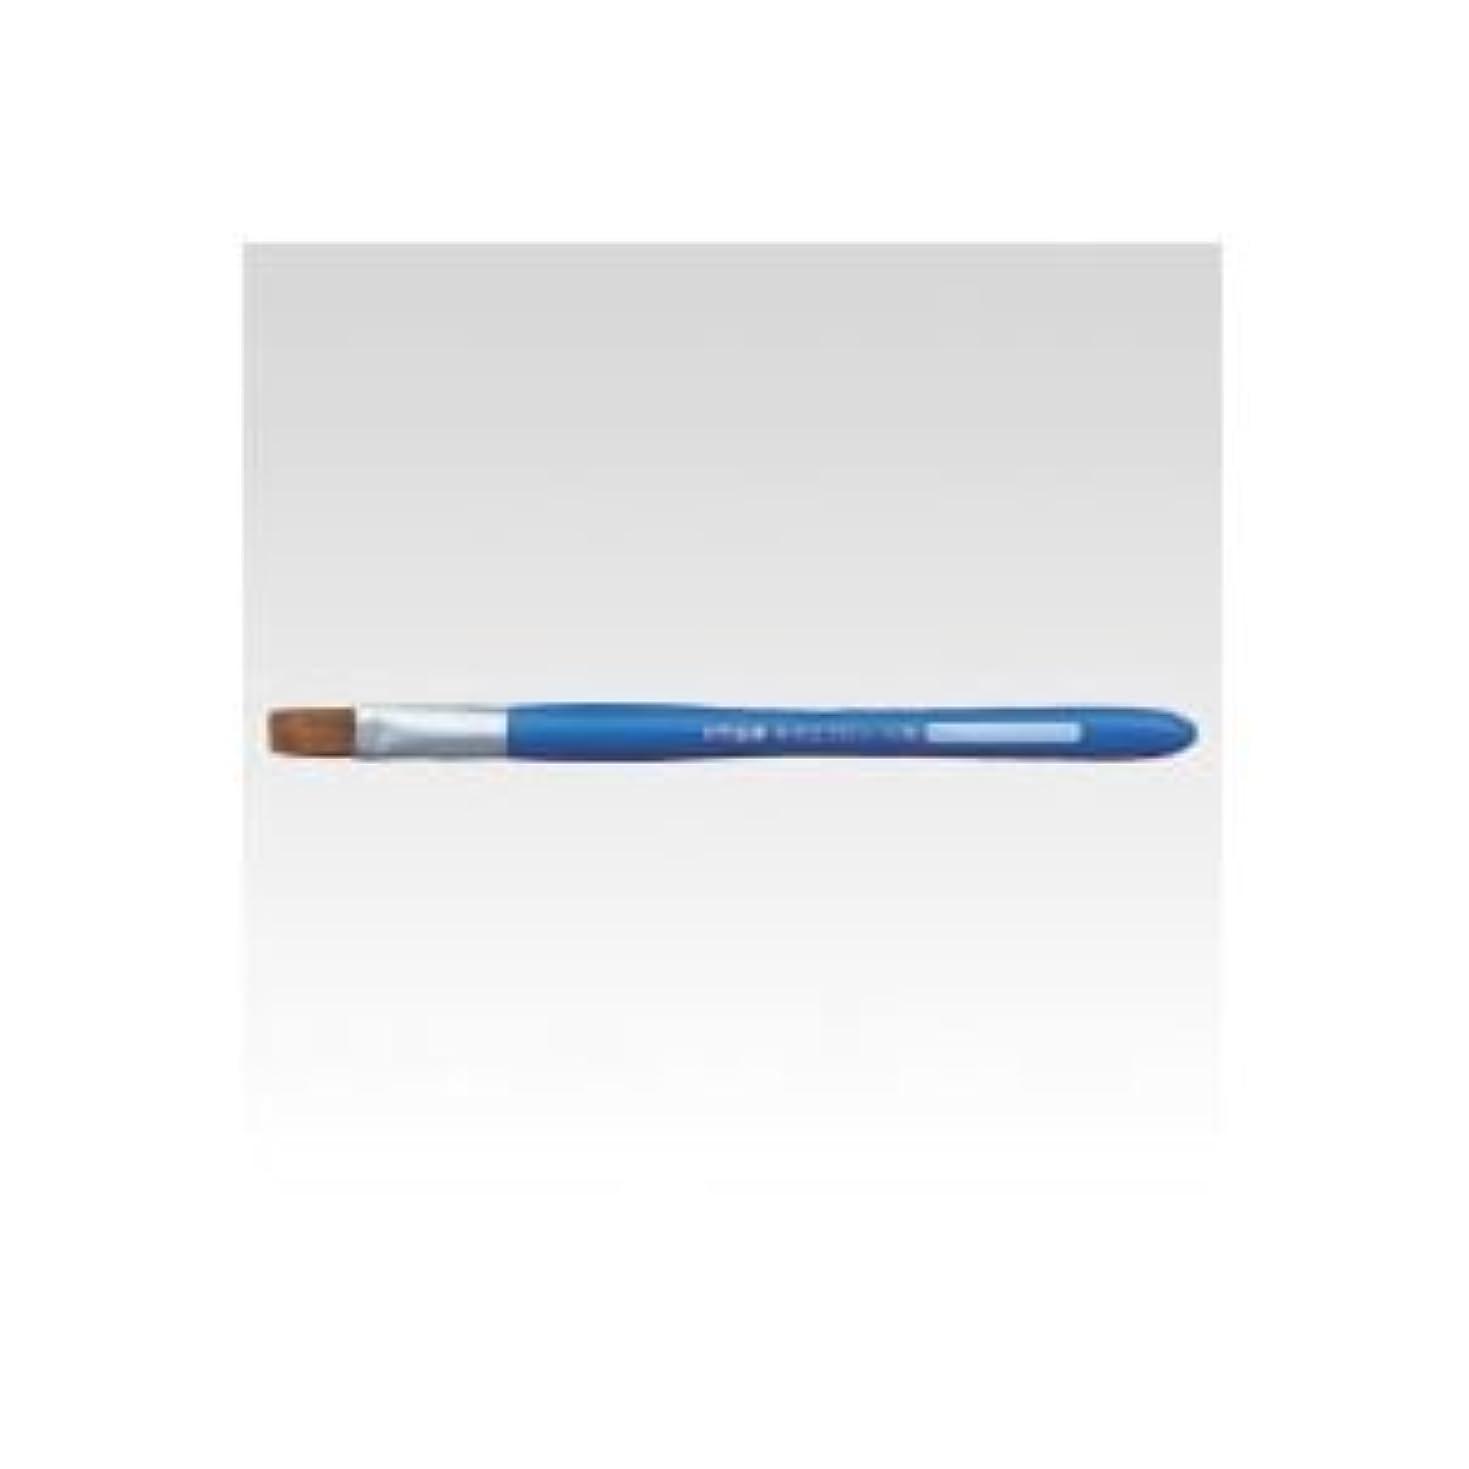 成分ドラゴンビット(業務用セット) サクラクレパス 画筆?ネオセブロン 平筆 NF10 1本入 【×5セット】